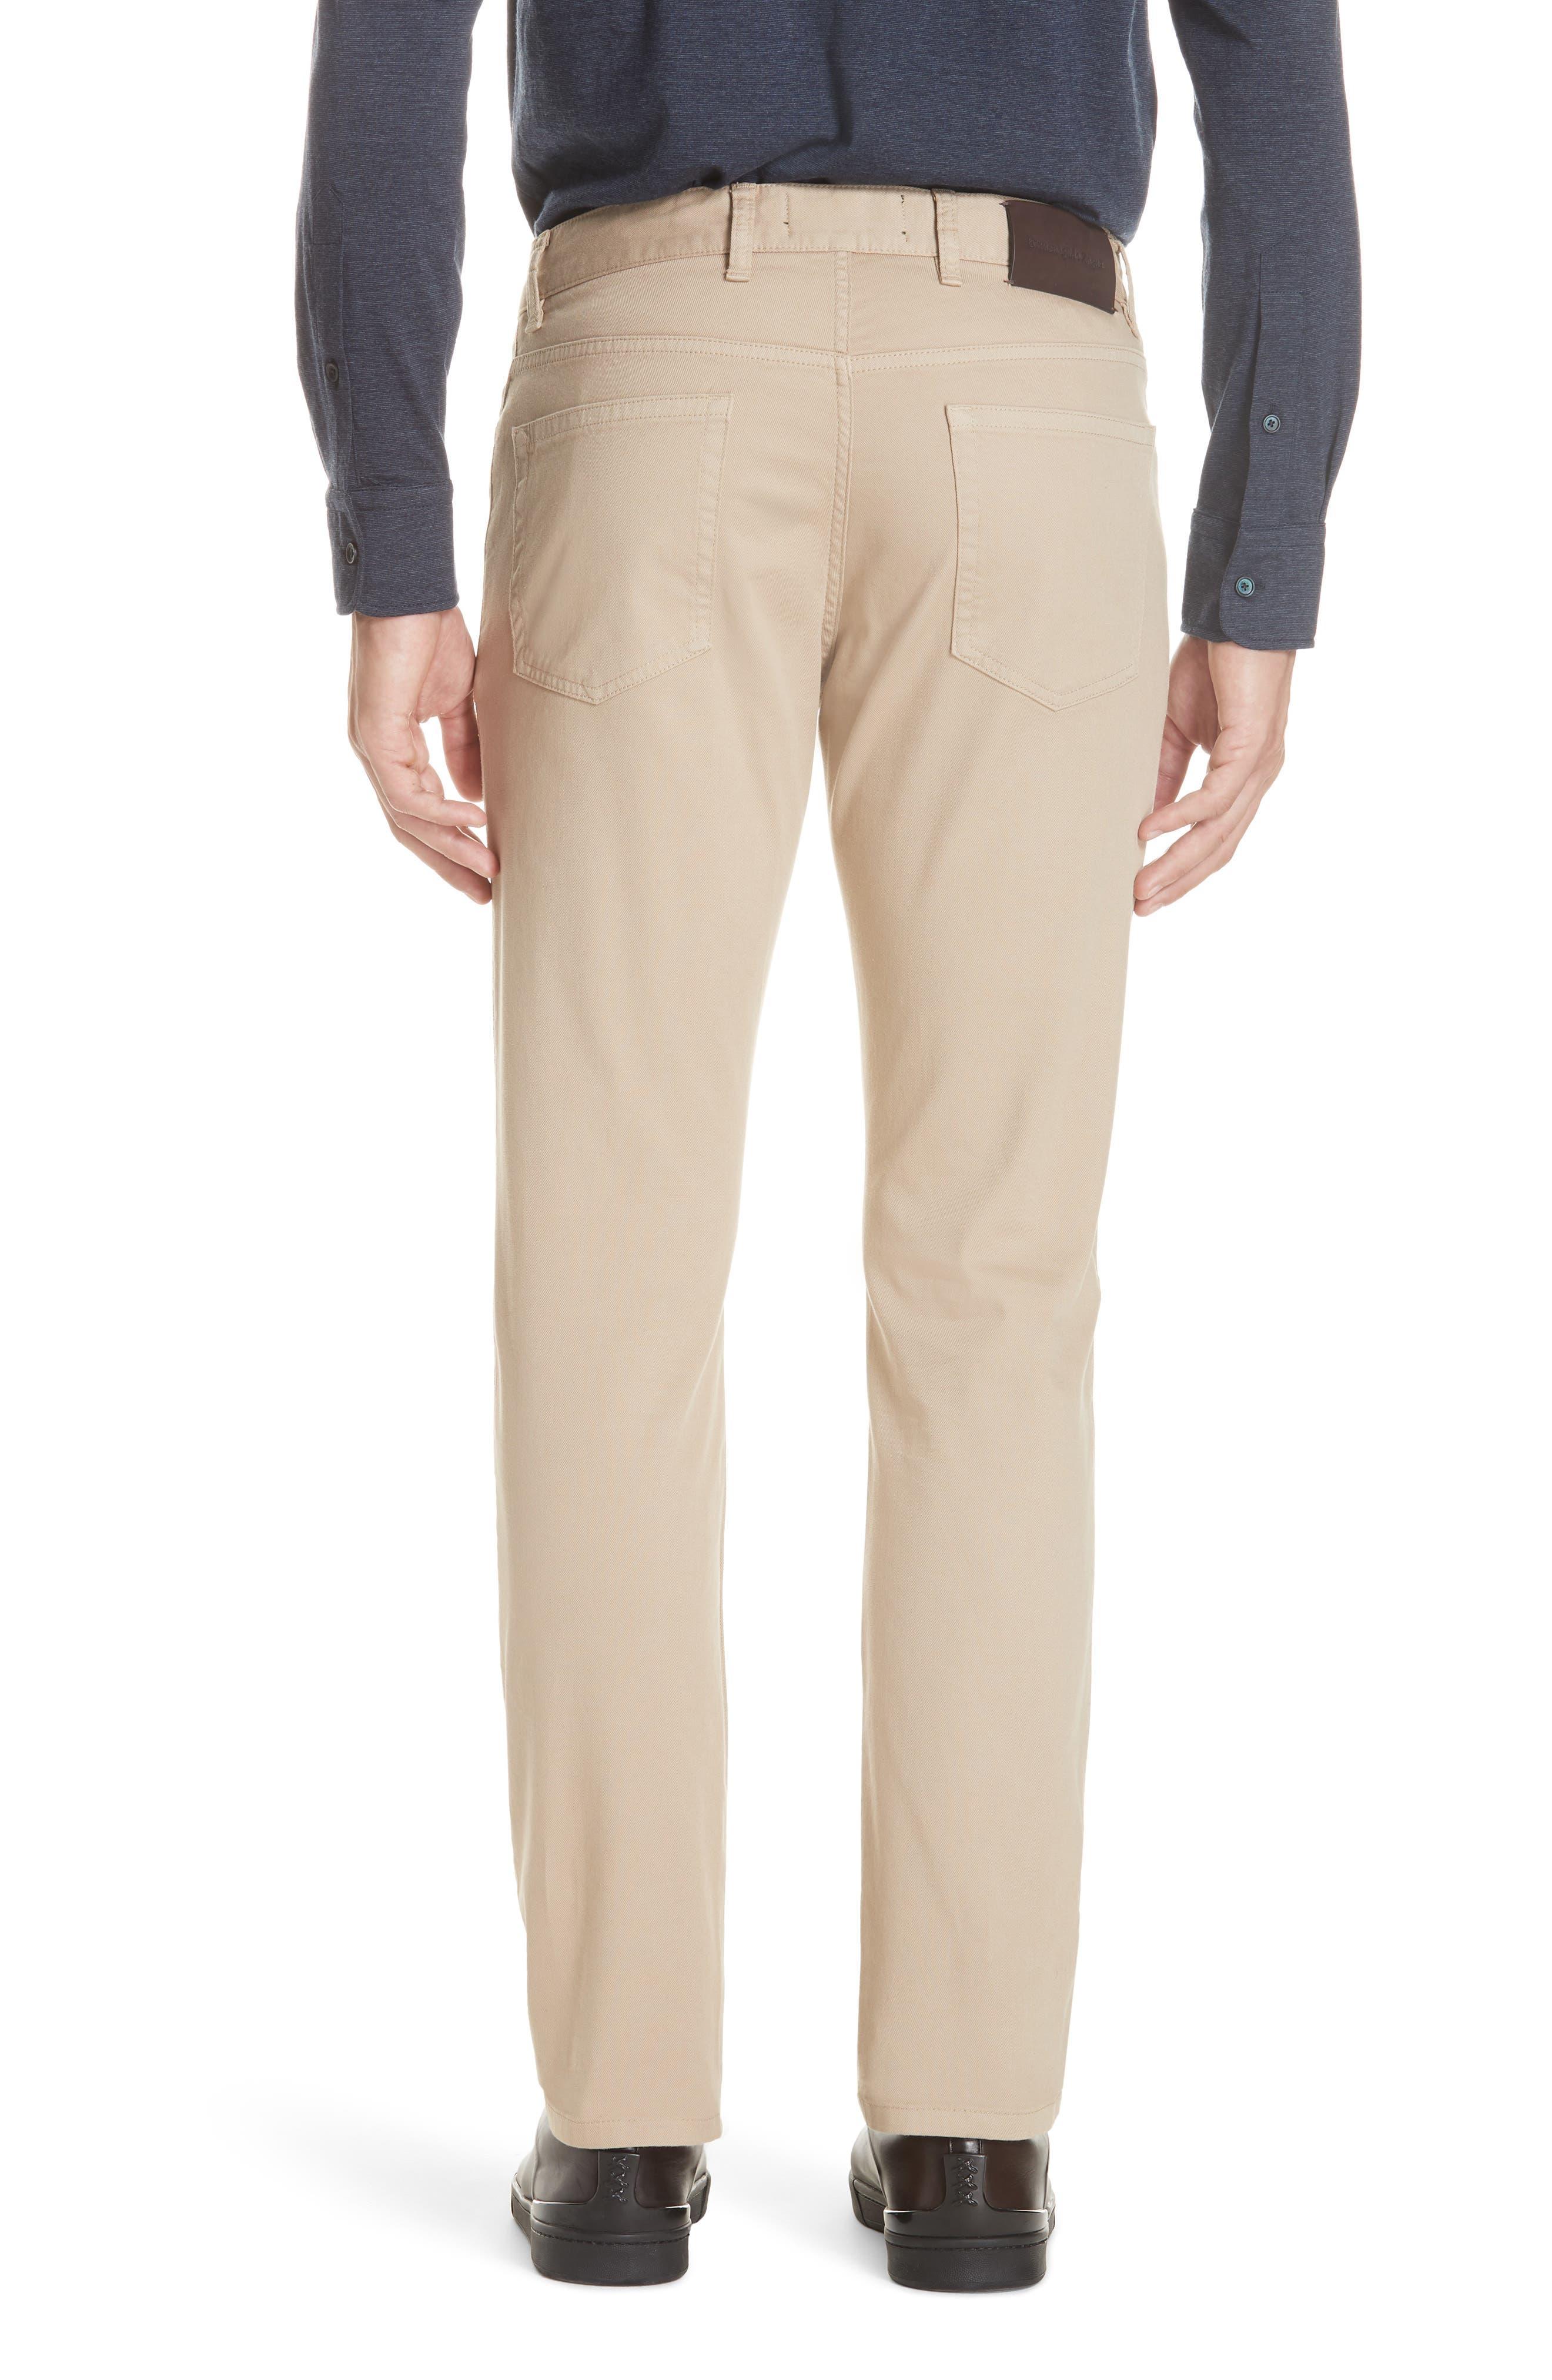 ERMENEGILDO ZEGNA, Stretch Cotton Five Pocket Pants, Alternate thumbnail 2, color, LIGHT BEIGE